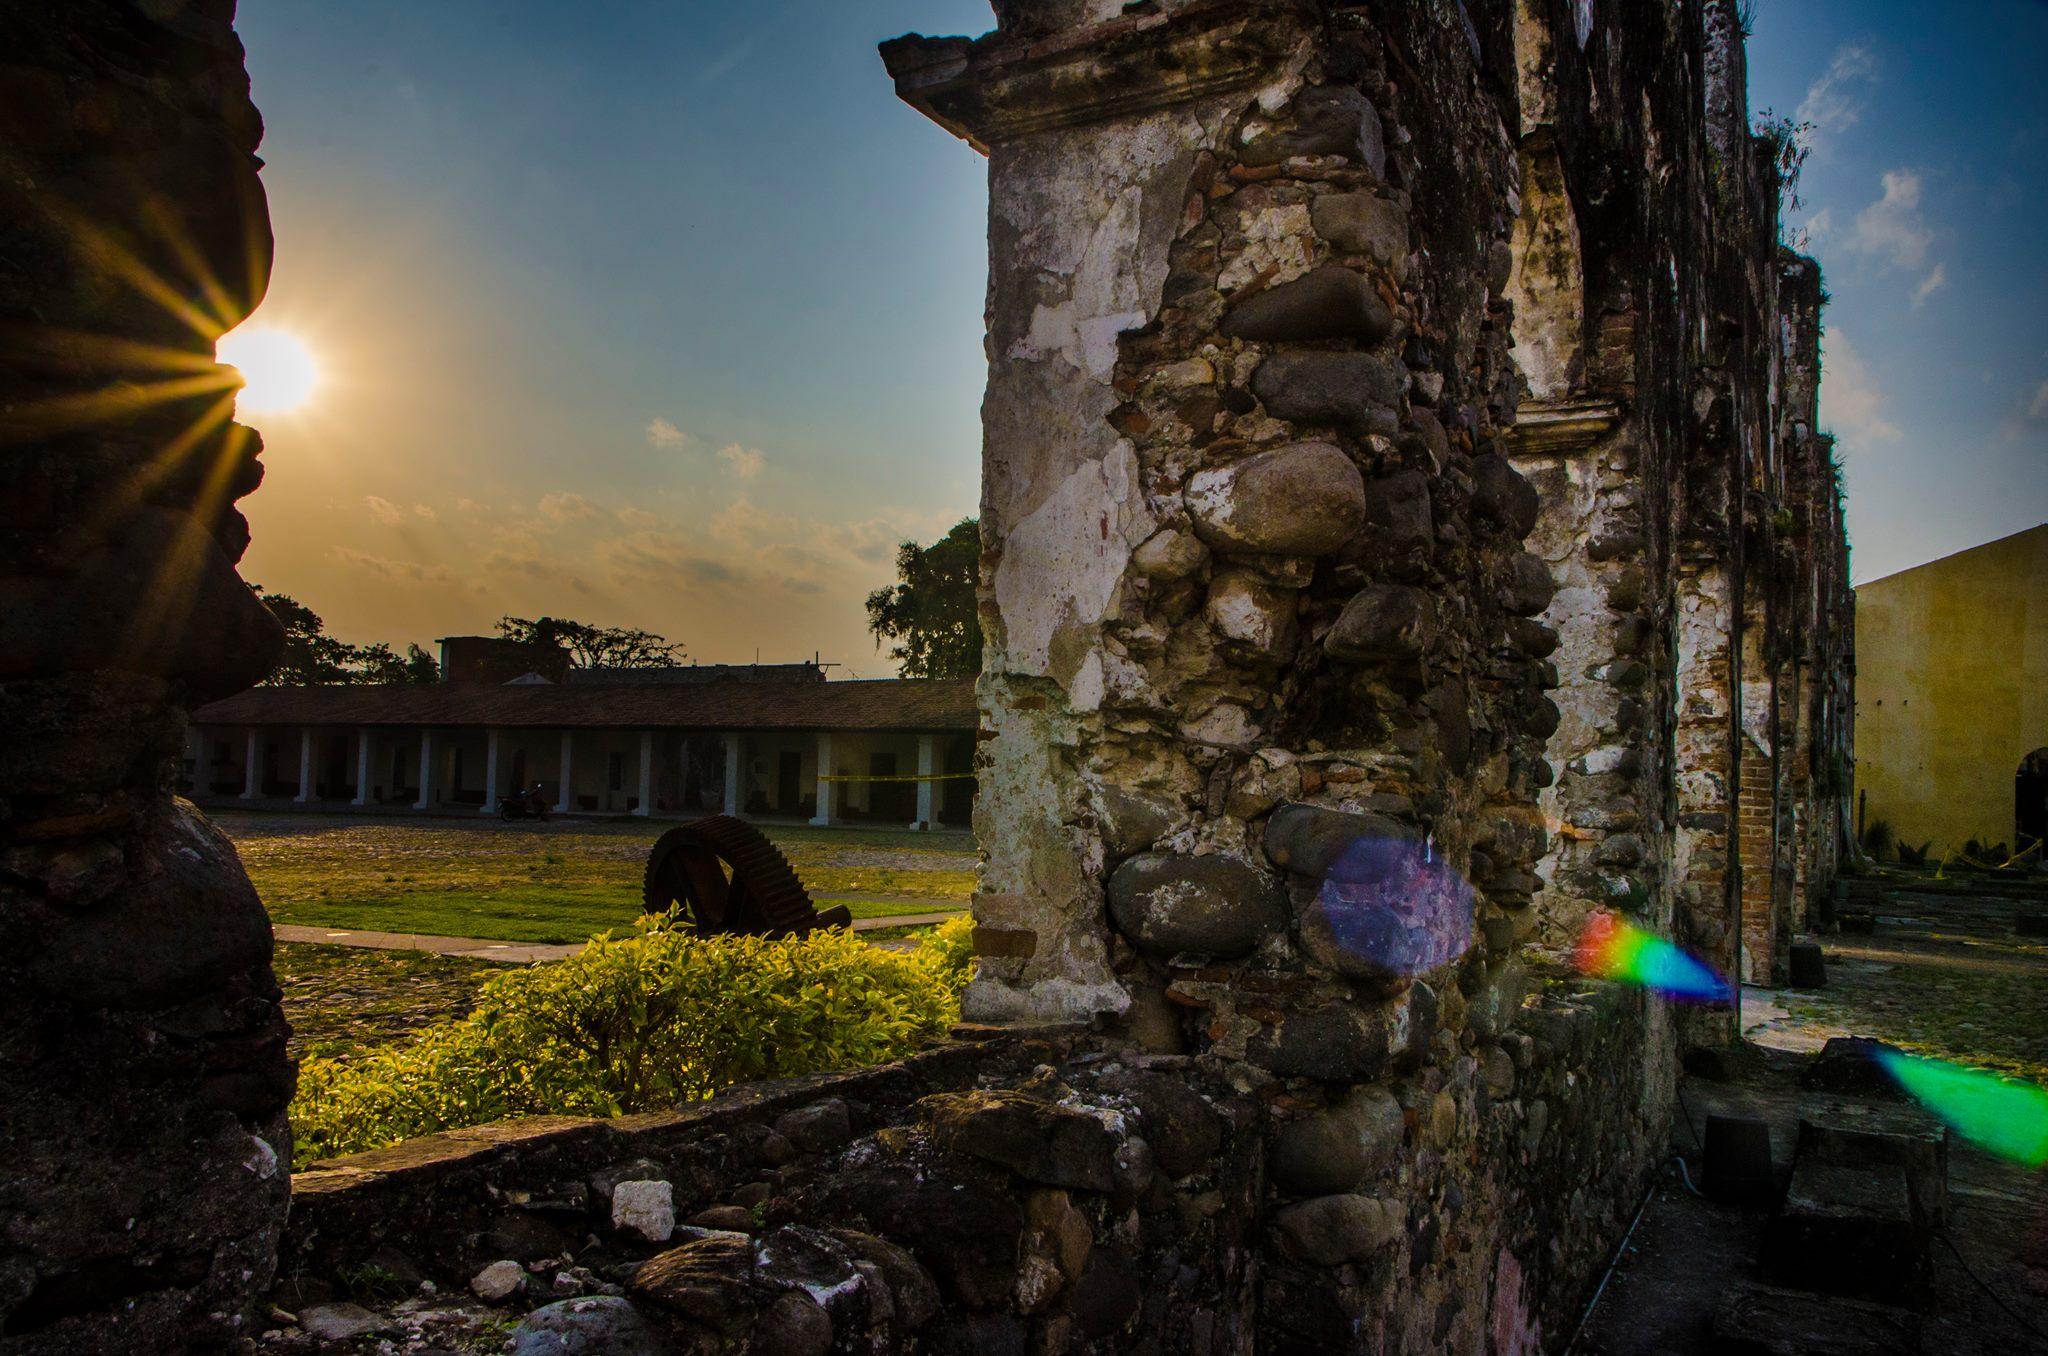 vista de la Ex Hacienda de Toxpan